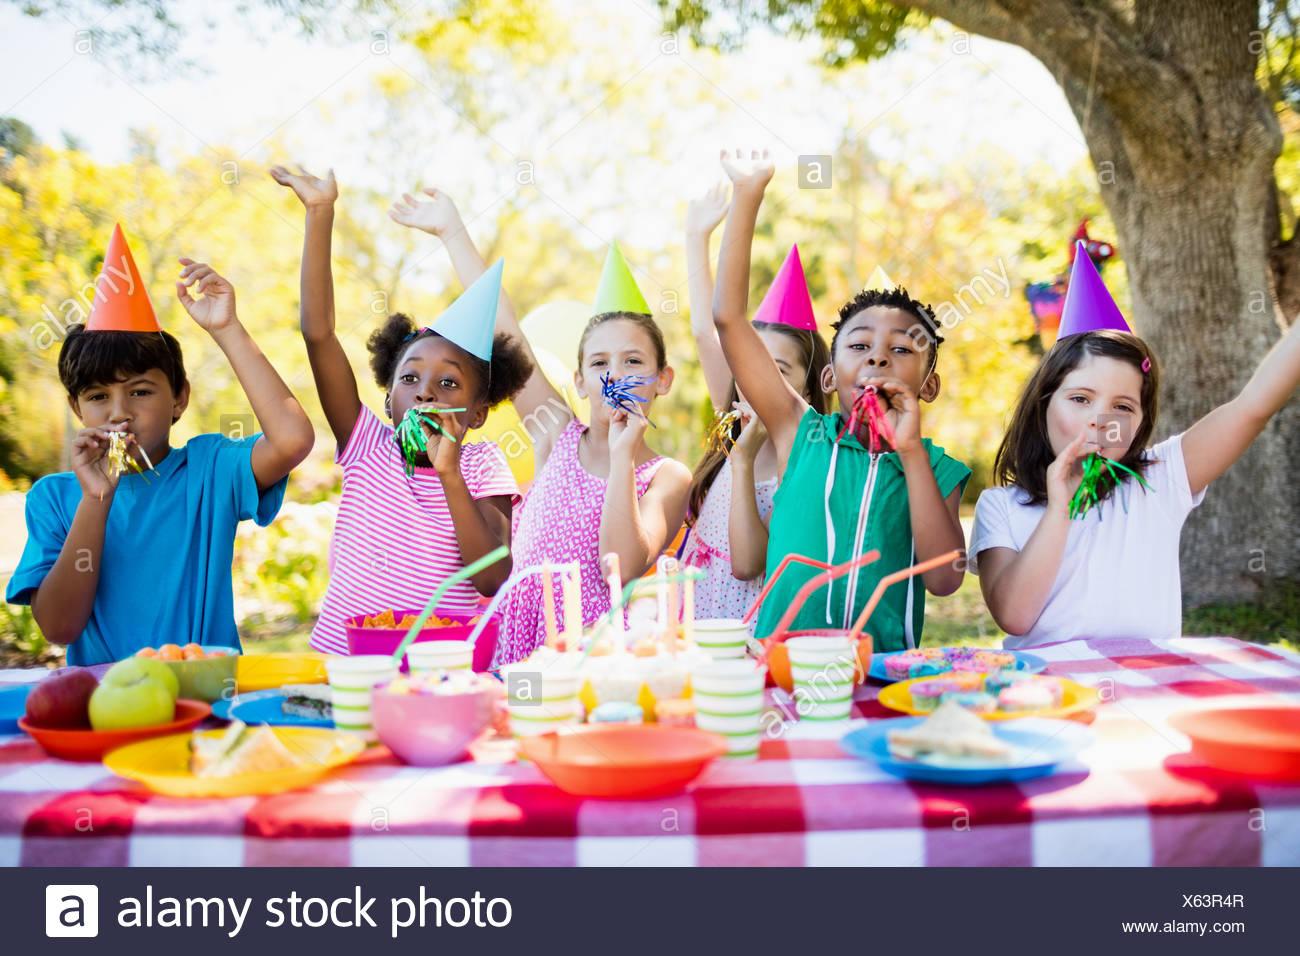 Les enfants s'amusant mignon pendant une fête d'anniversaire Photo Stock